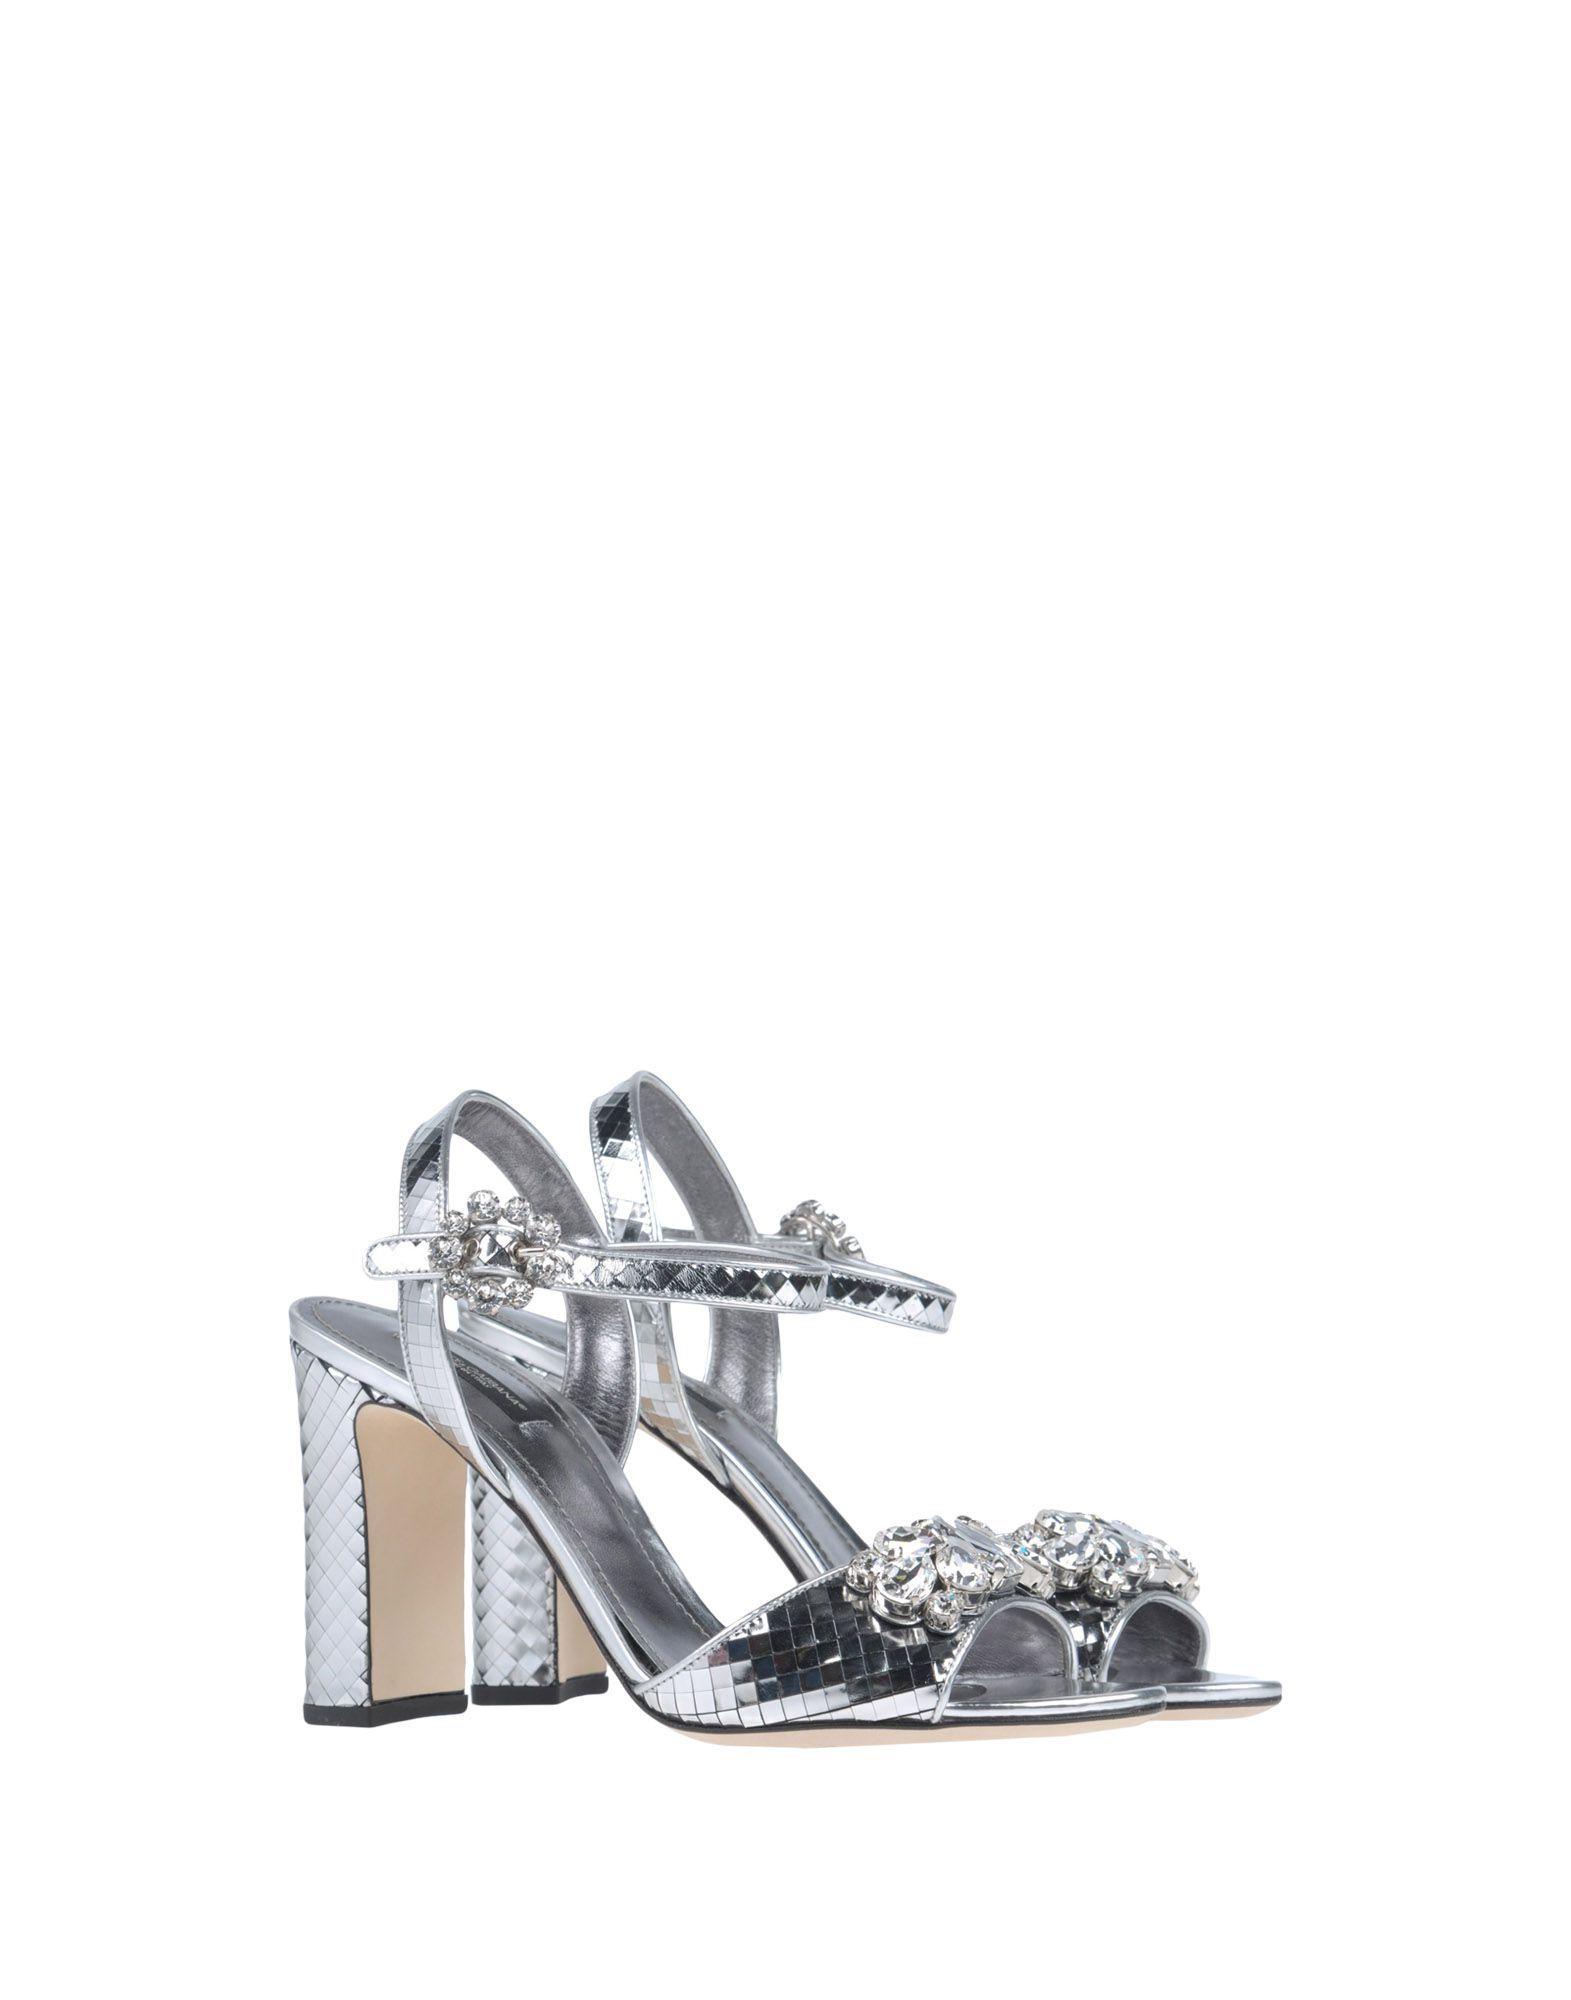 57bed3e73d7 Πέδιλο Dolce & Gabbana Γυναίκα - Πέδιλα Dolce & Gabbana στο YOOX -  11390569OI